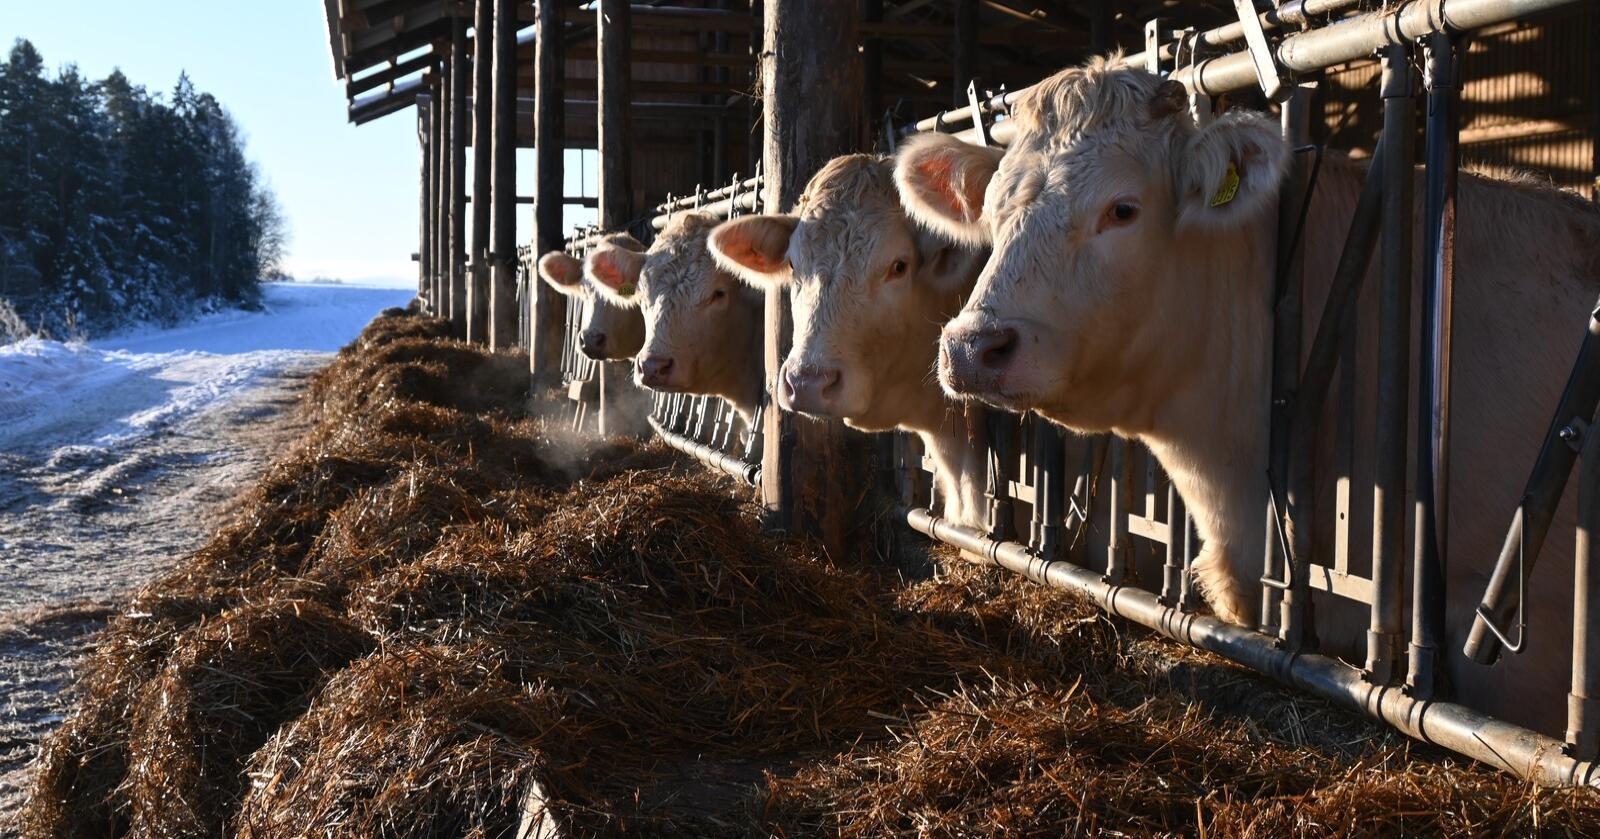 Dyrehelse: Norge har en svært god dyrehelse, og resistensen mot antibiotika går faktisk ned, skriver Ole Avlseike. (Foto: Marit Glærum)